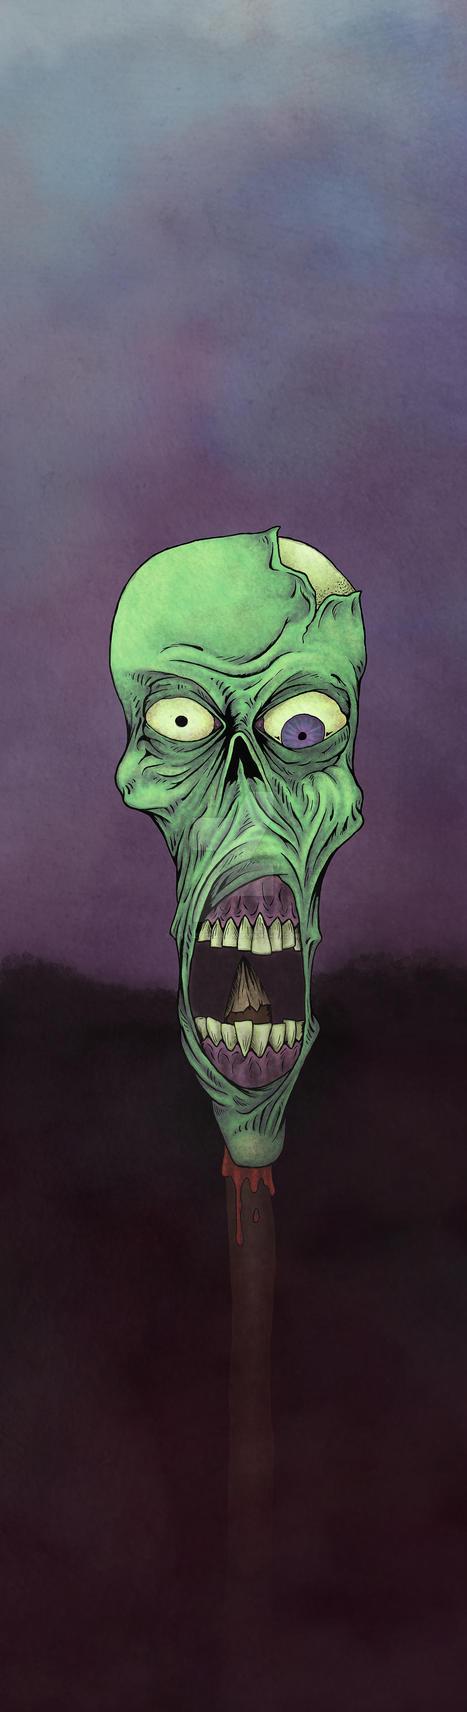 Zombie on a stick by sintheticsanity